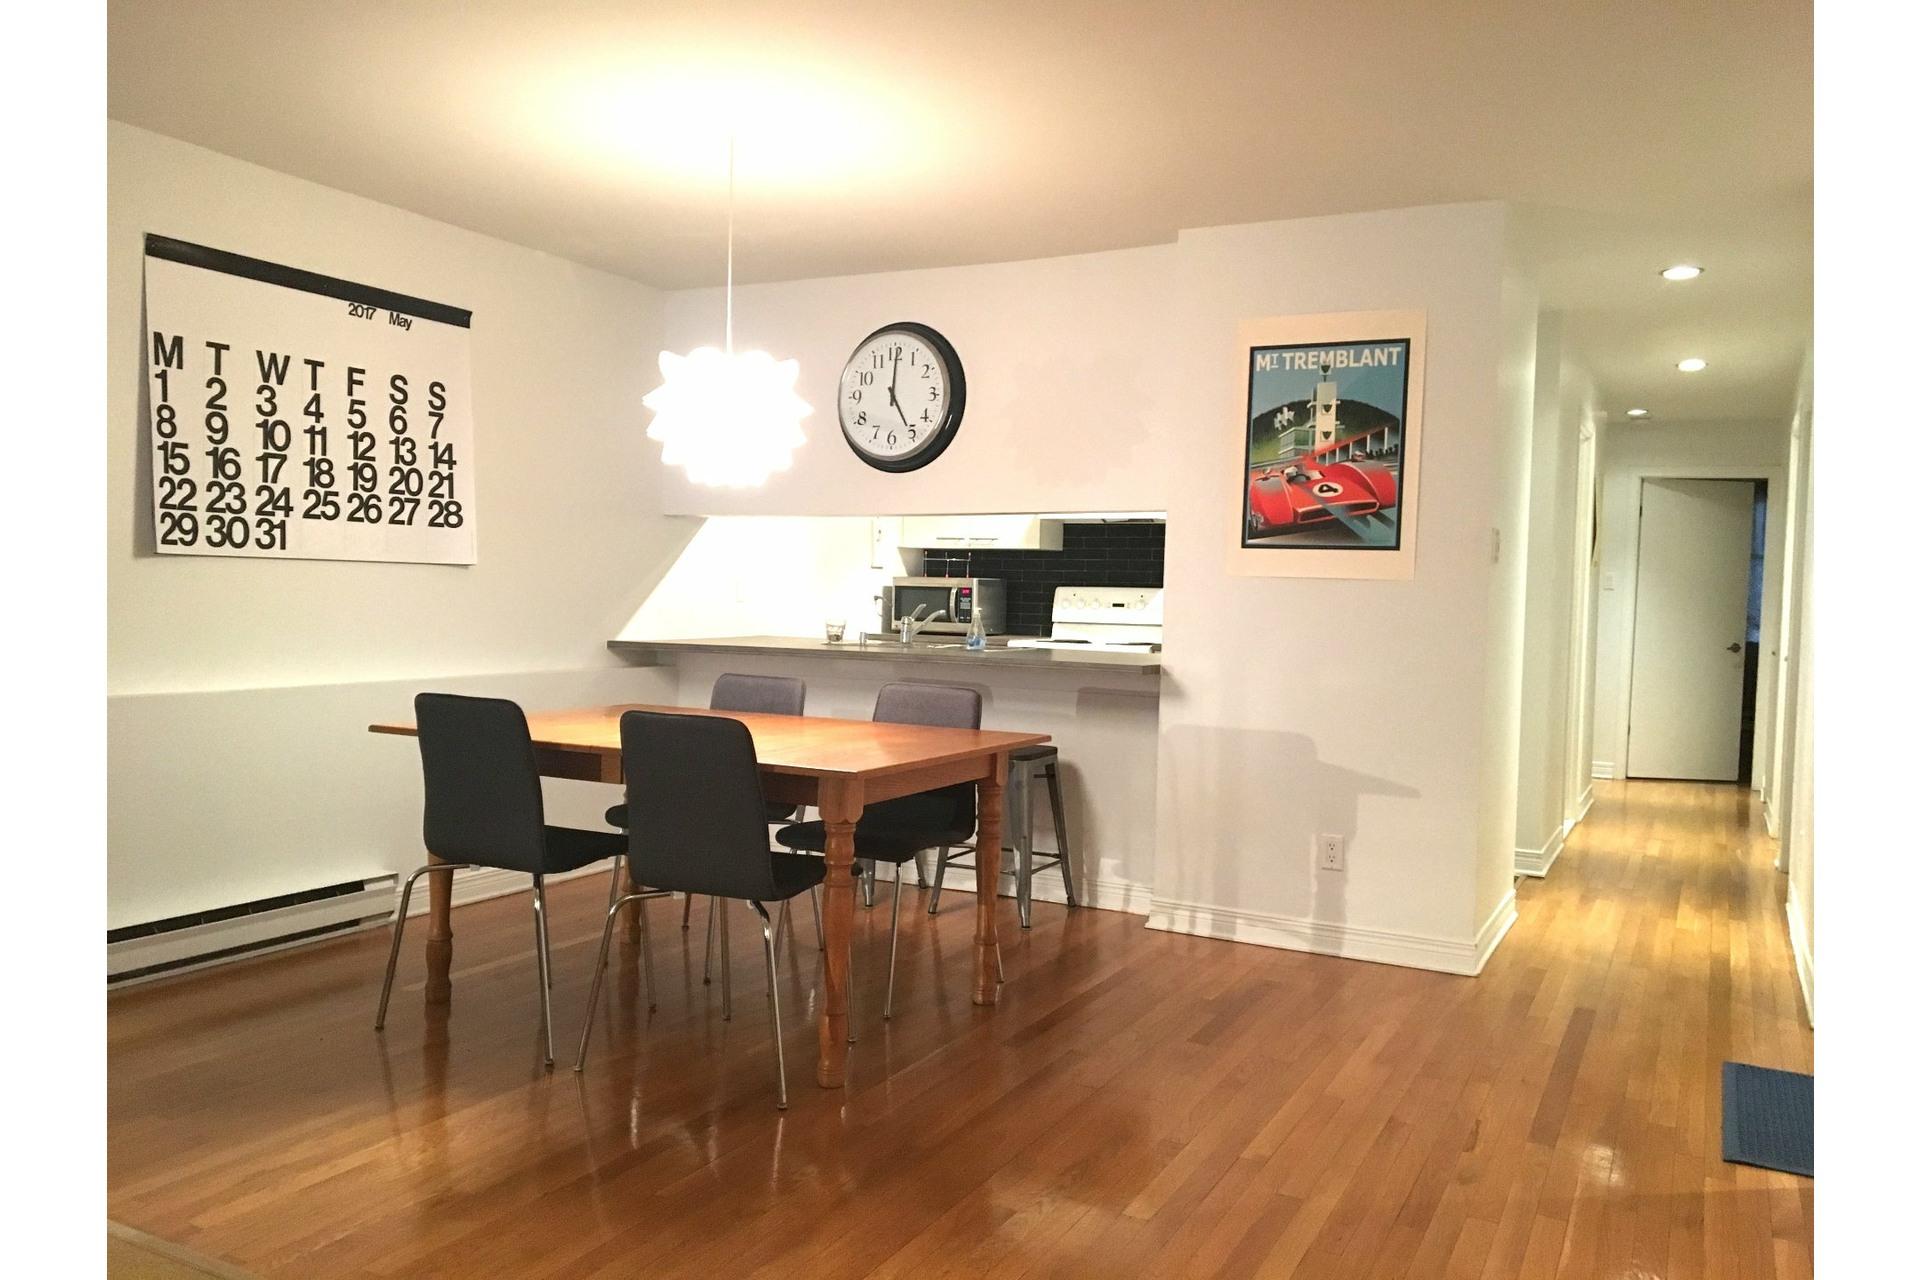 image 5 - Appartement À louer Le Plateau-Mont-Royal Montréal  - 6 pièces